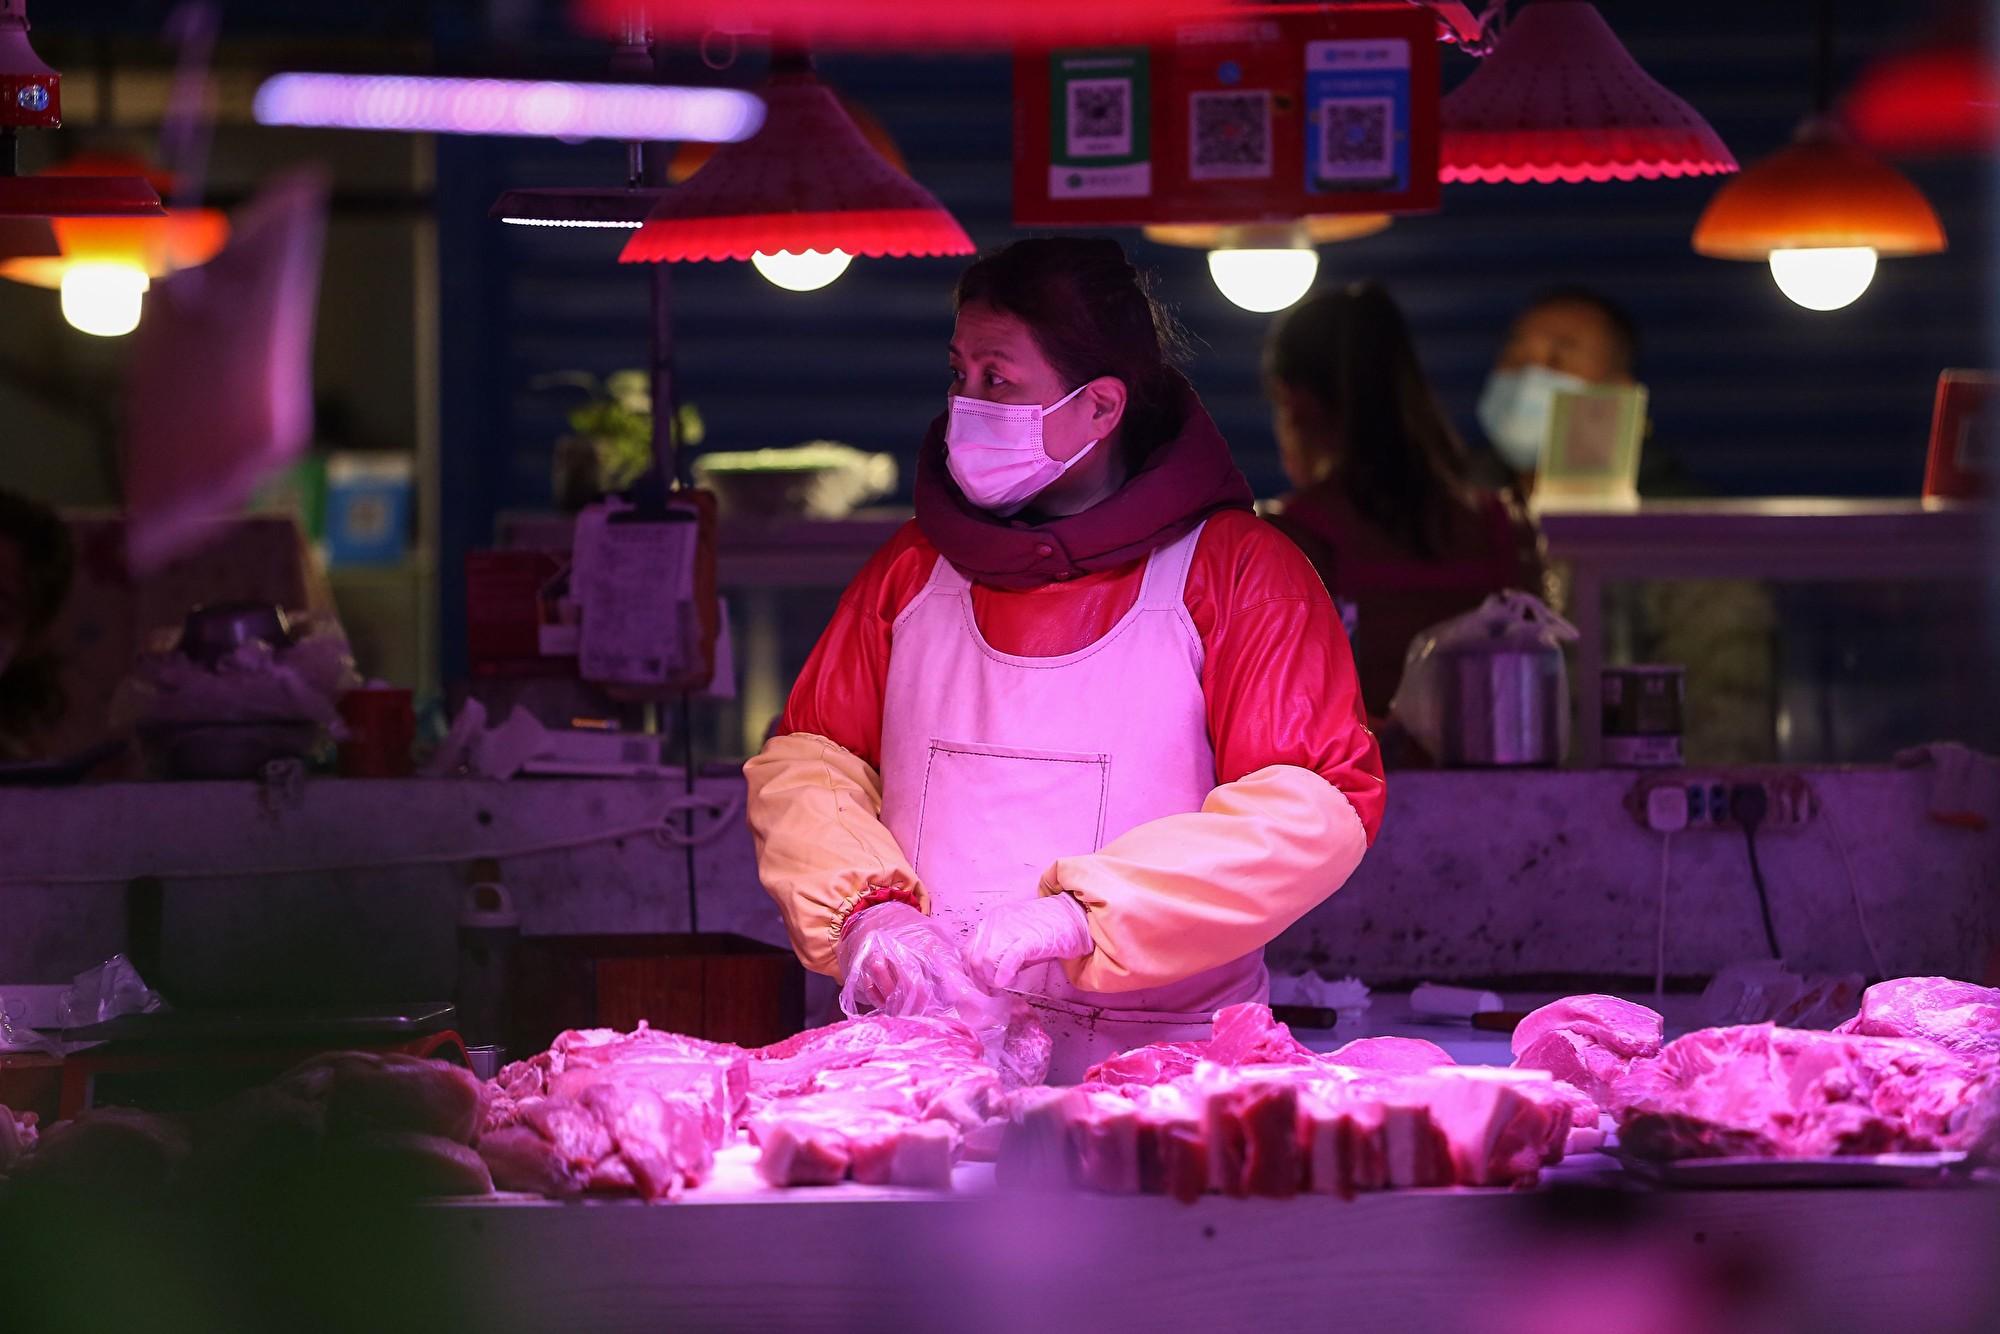 【一線採訪】瀋陽中共病毒疫情再爆發致經濟癱瘓